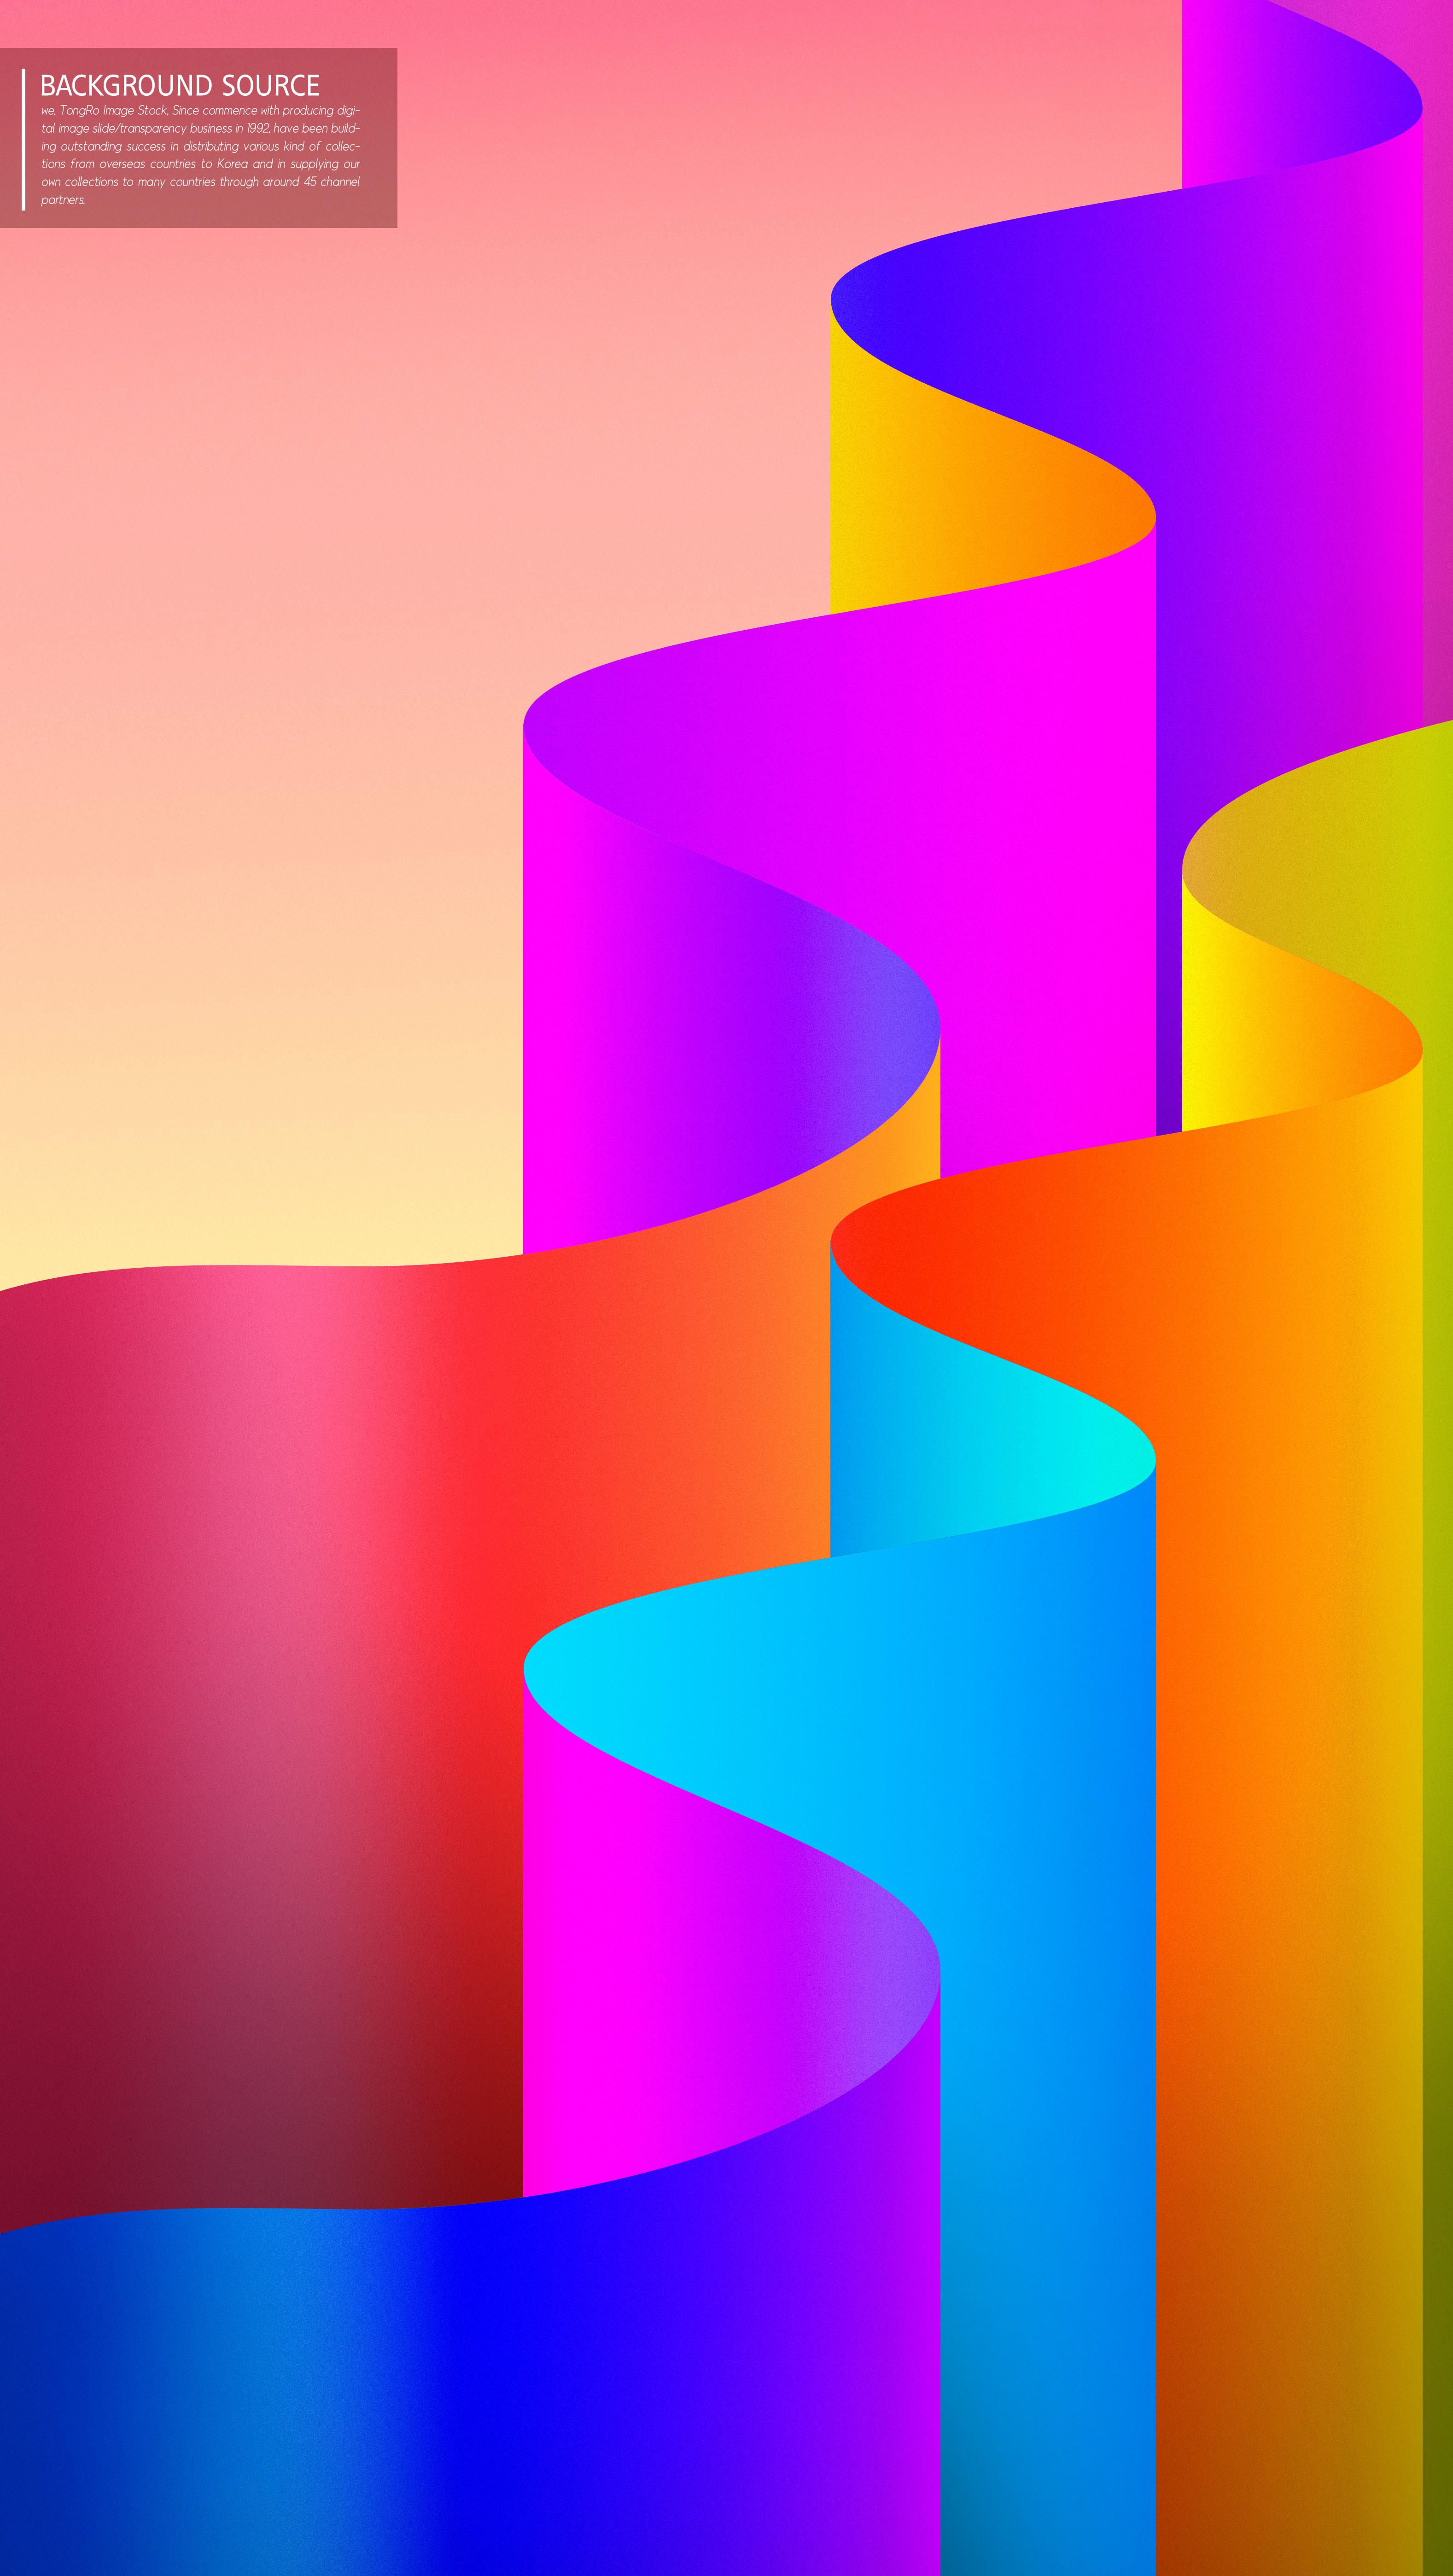 渐变波浪3D立体抽象背景图形设计psd素材designshidai_beijing129